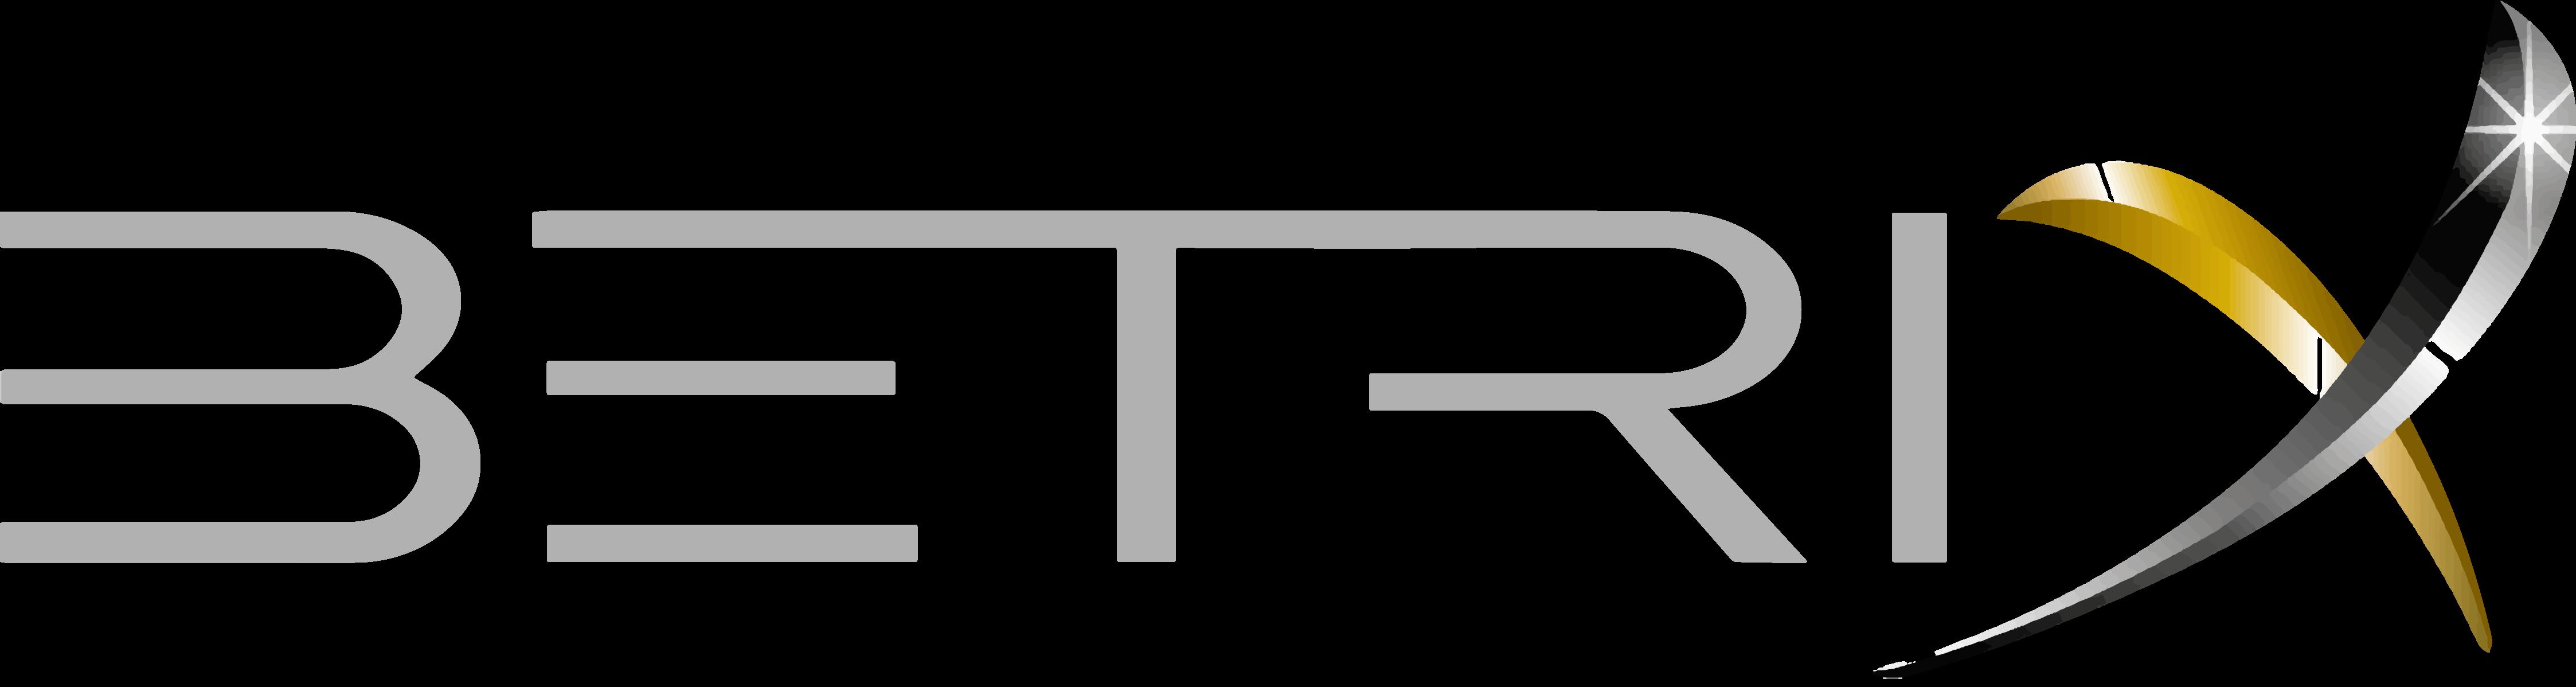 logo Betrix